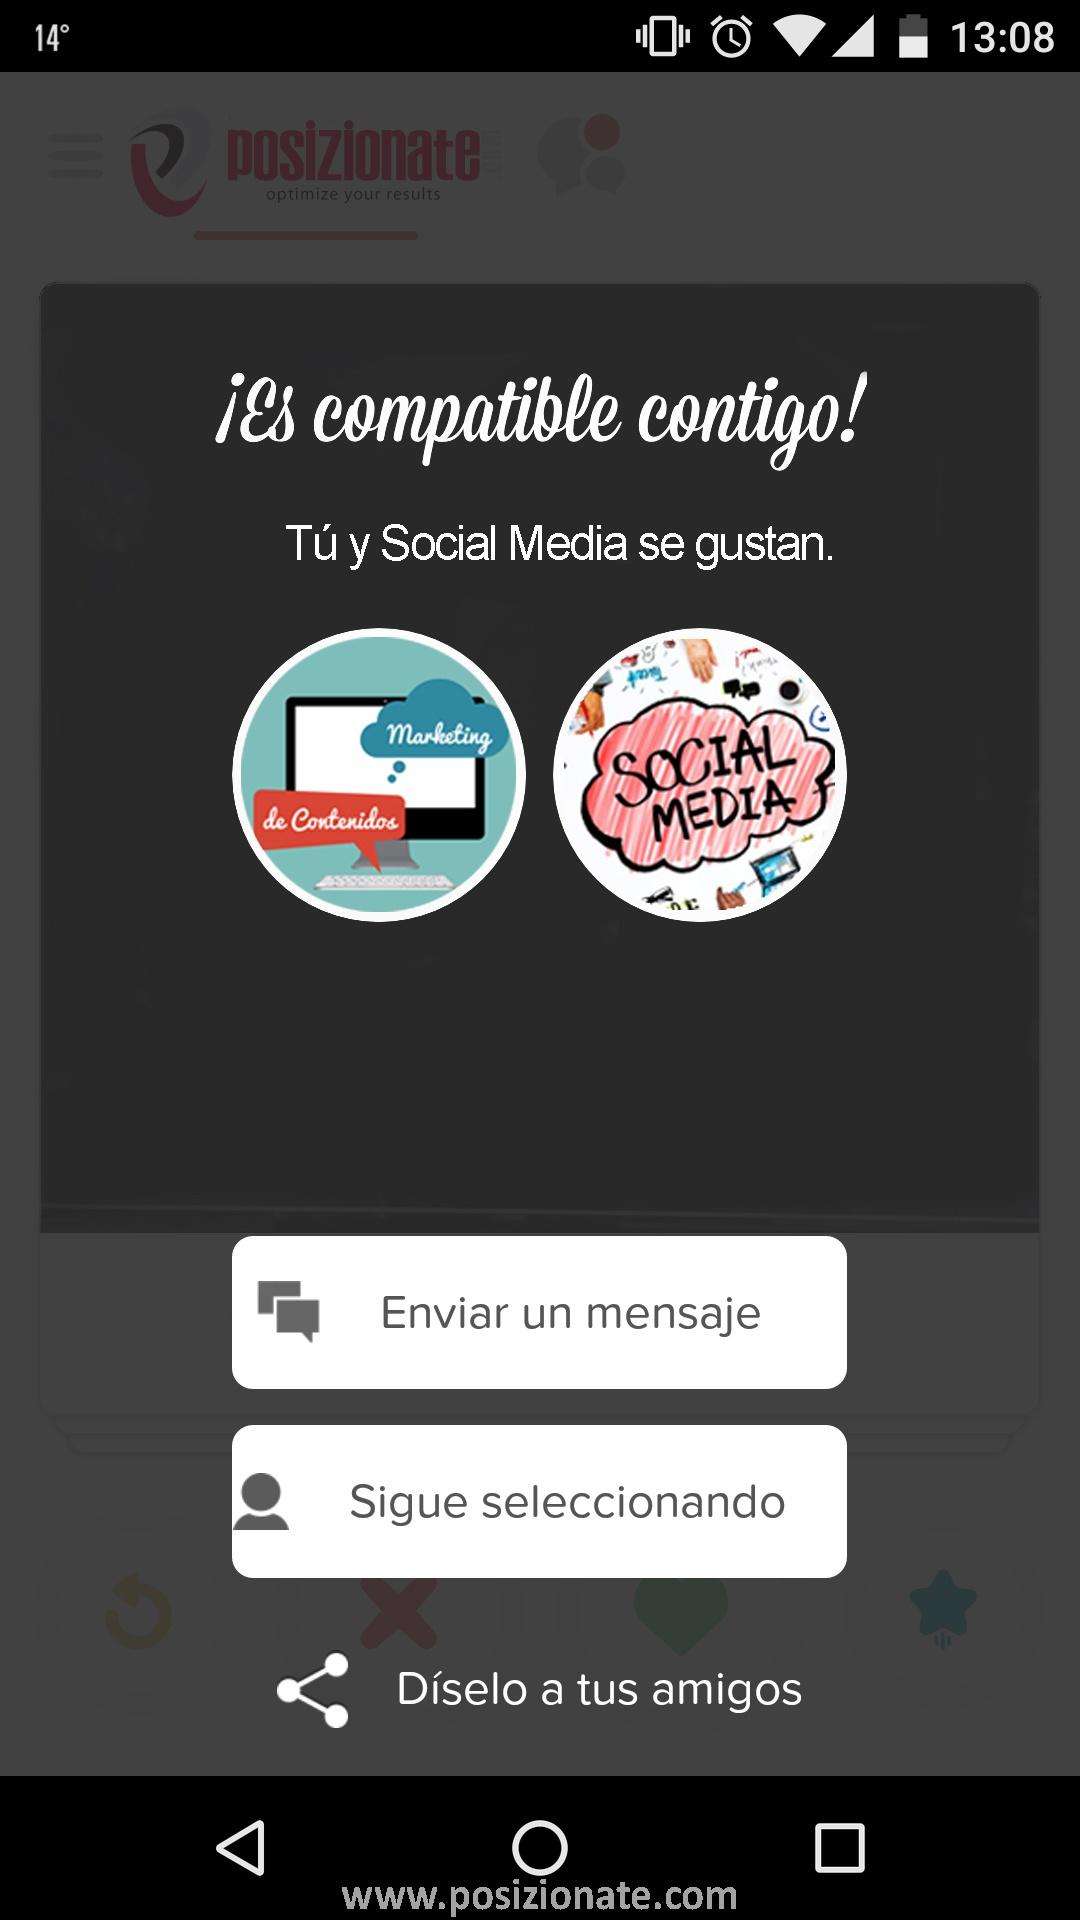 El Match en Tinder del Marketing de Contenidos y el Social Media.jpg